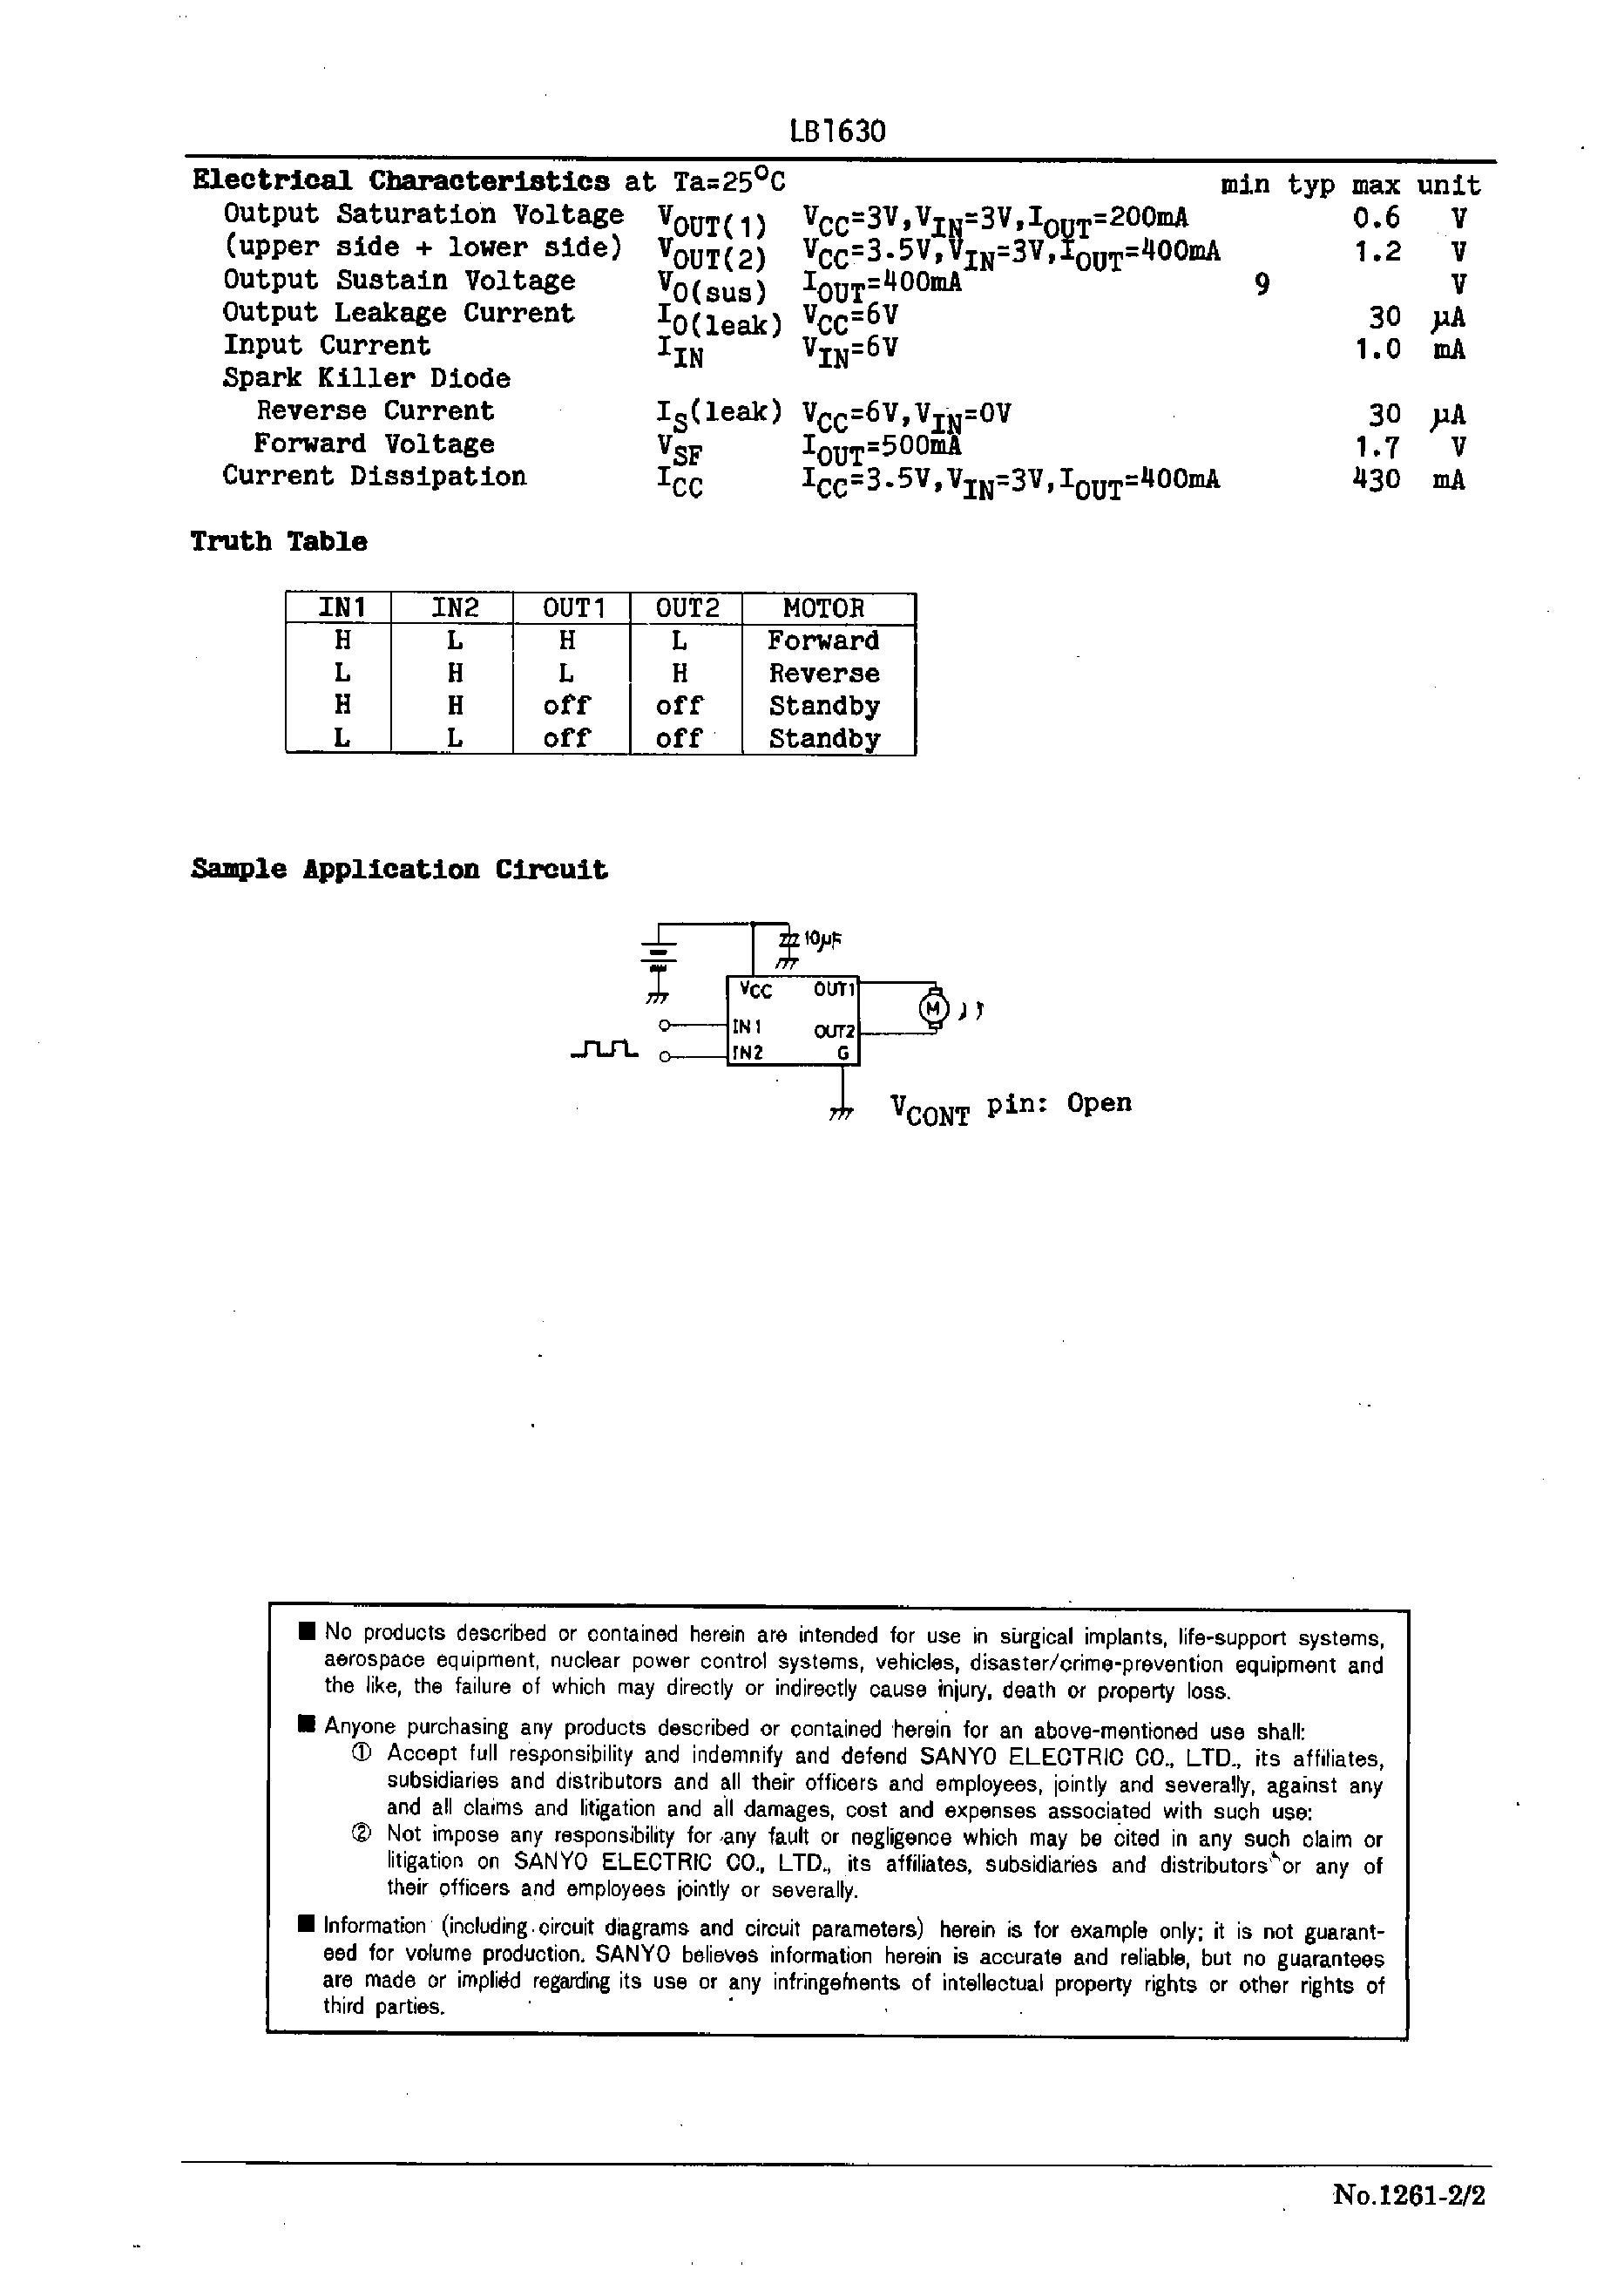 1630's pdf picture 2